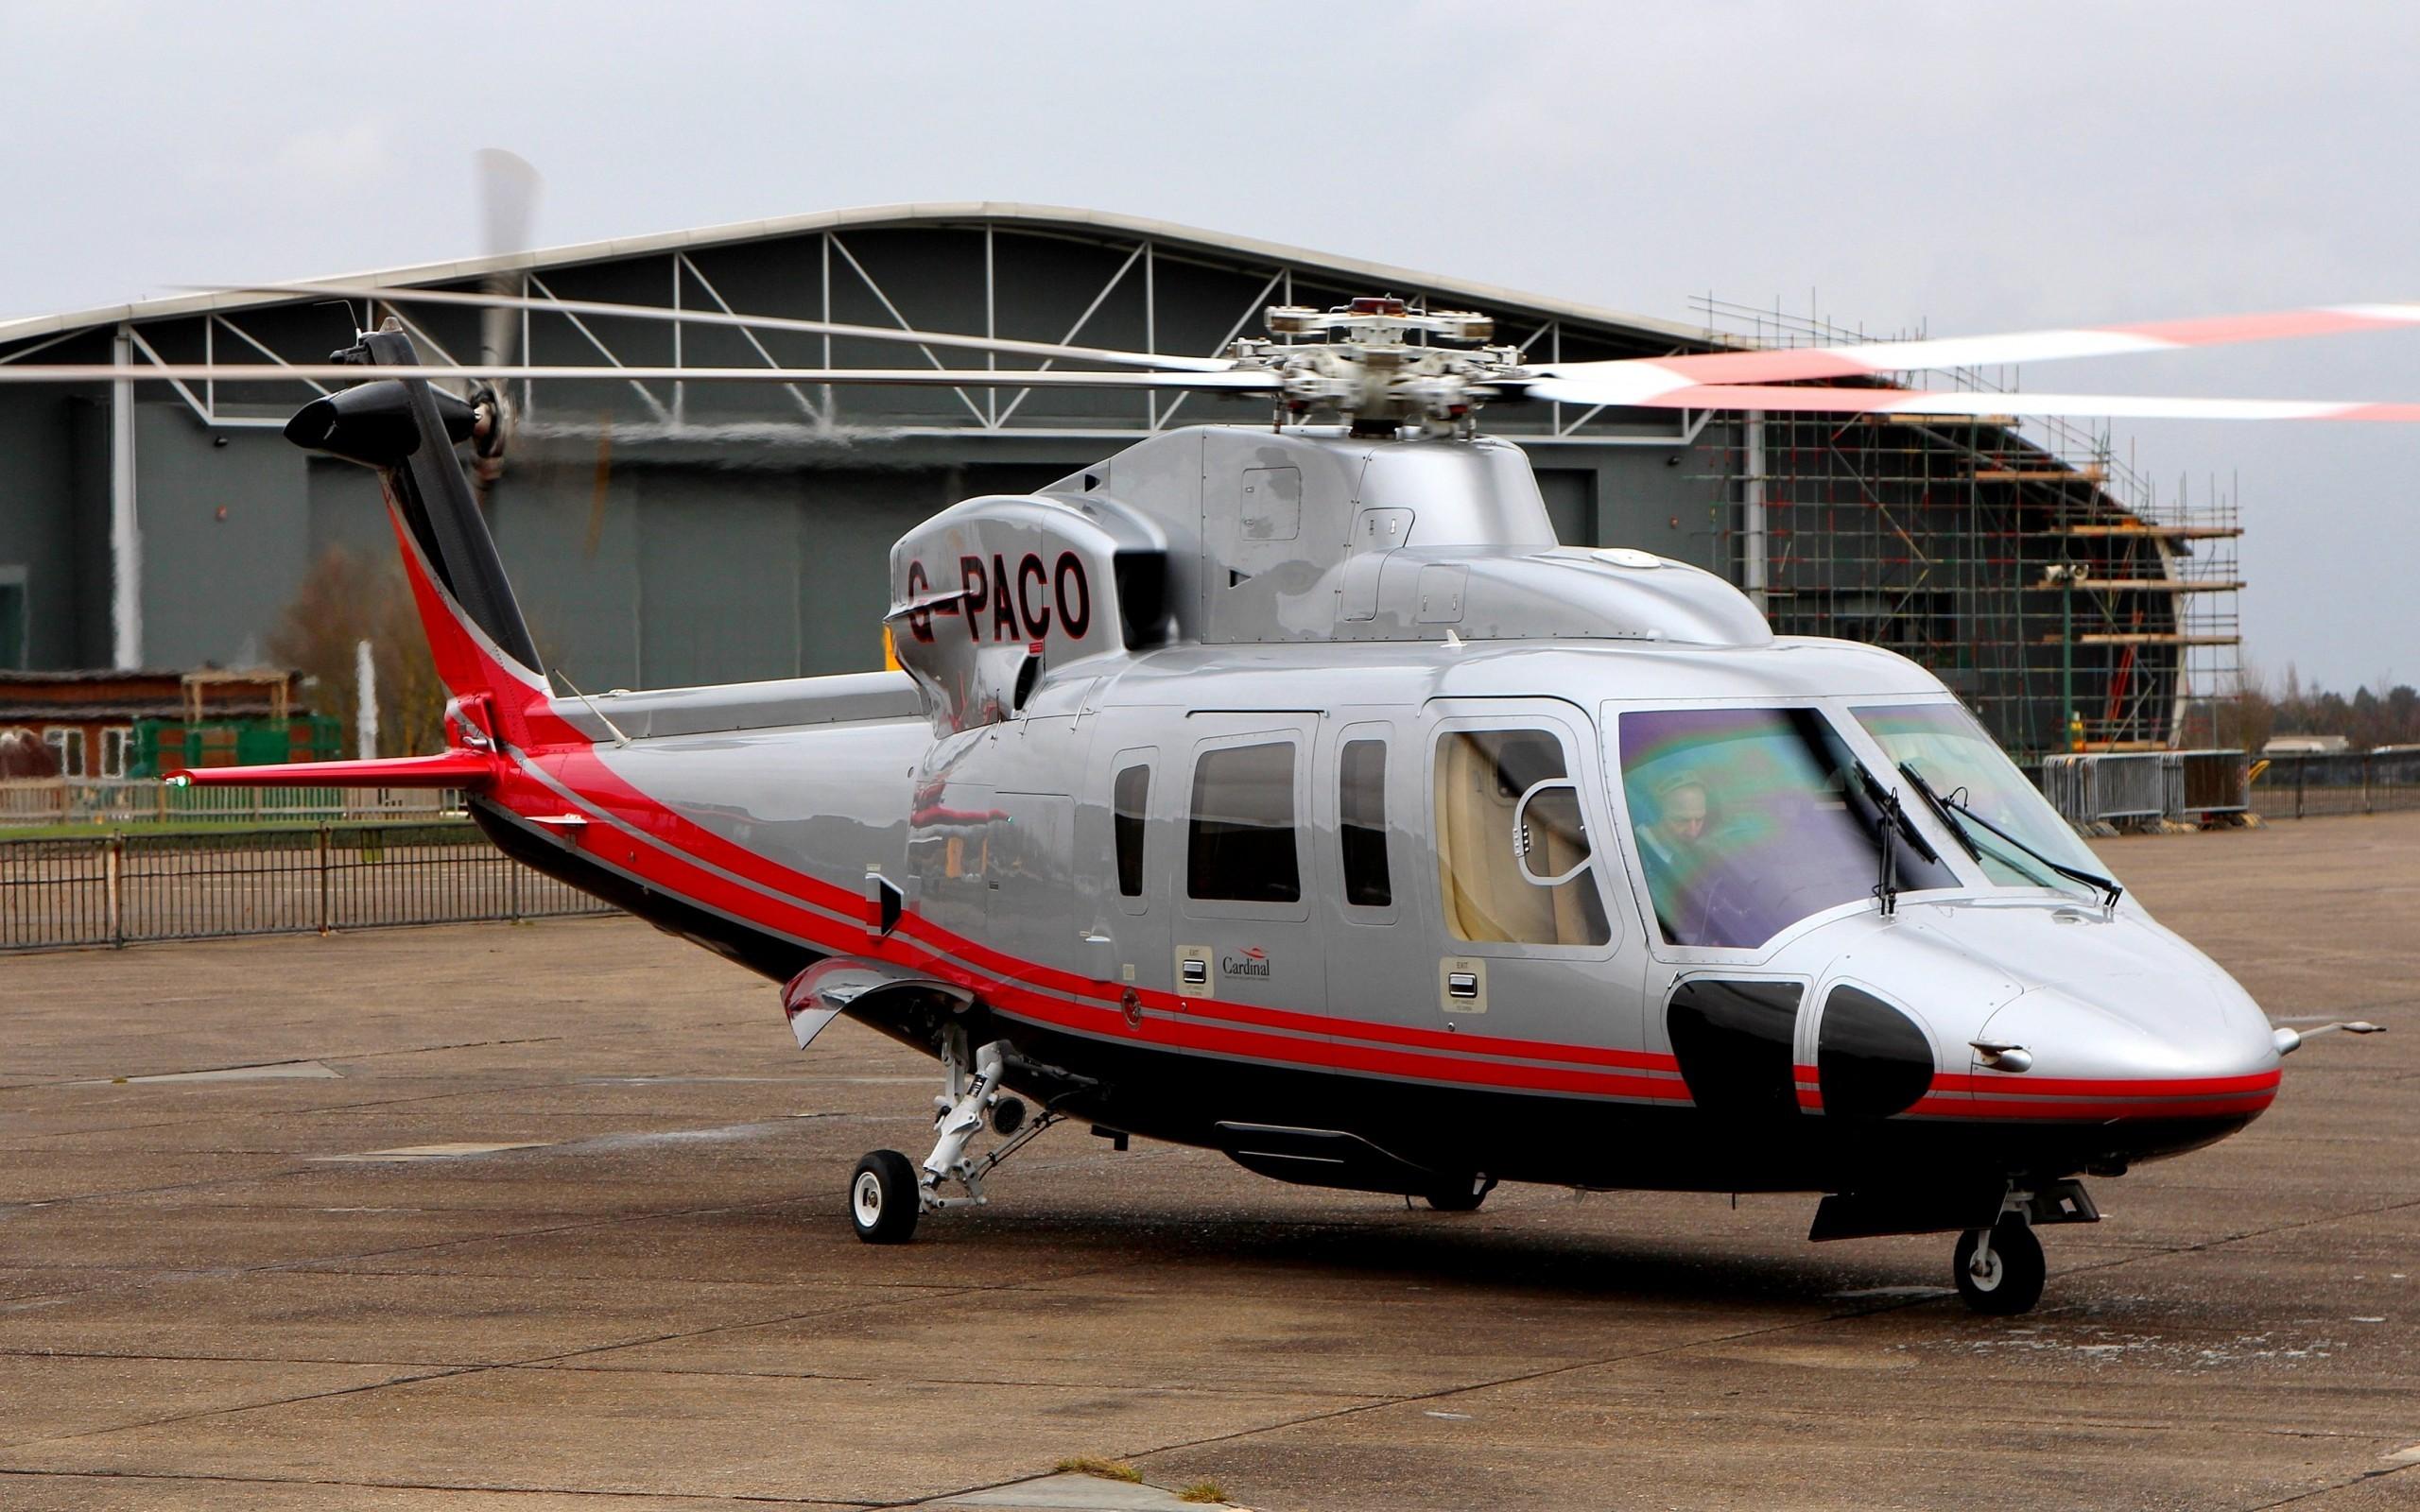 Elicottero 212 : Elicottero italiano di agusta bell ab di missione militare